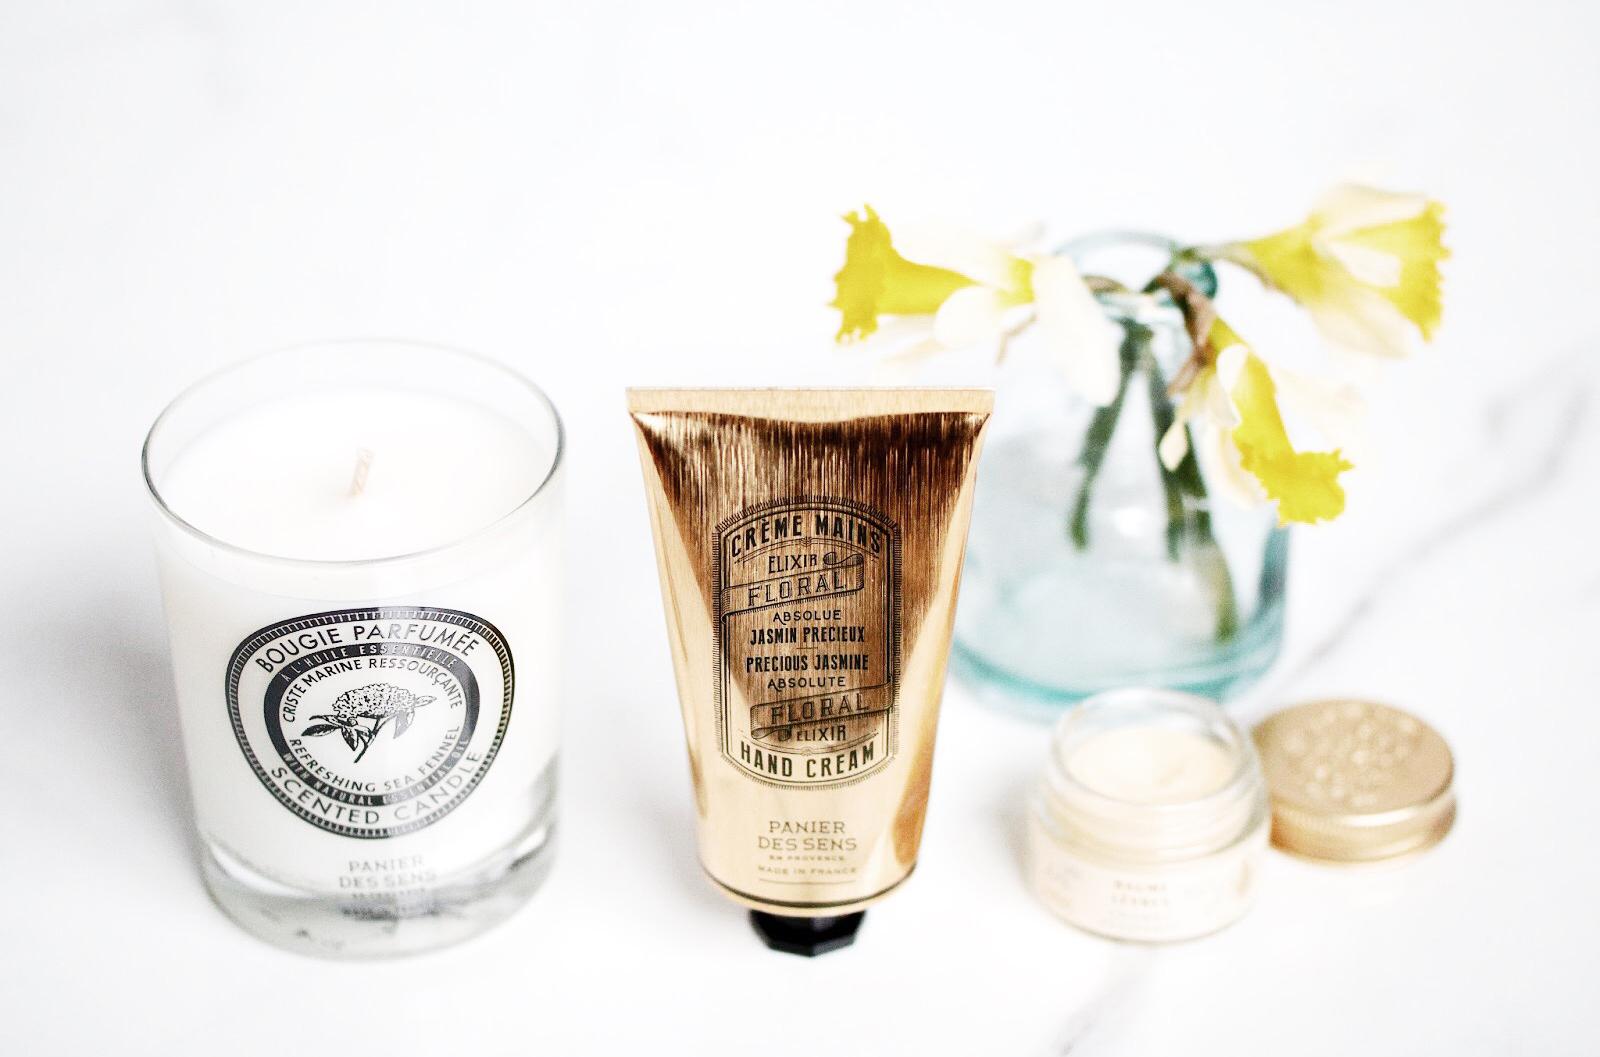 panier des sens soins corps crème mains bougie baume lèvres amande avis test